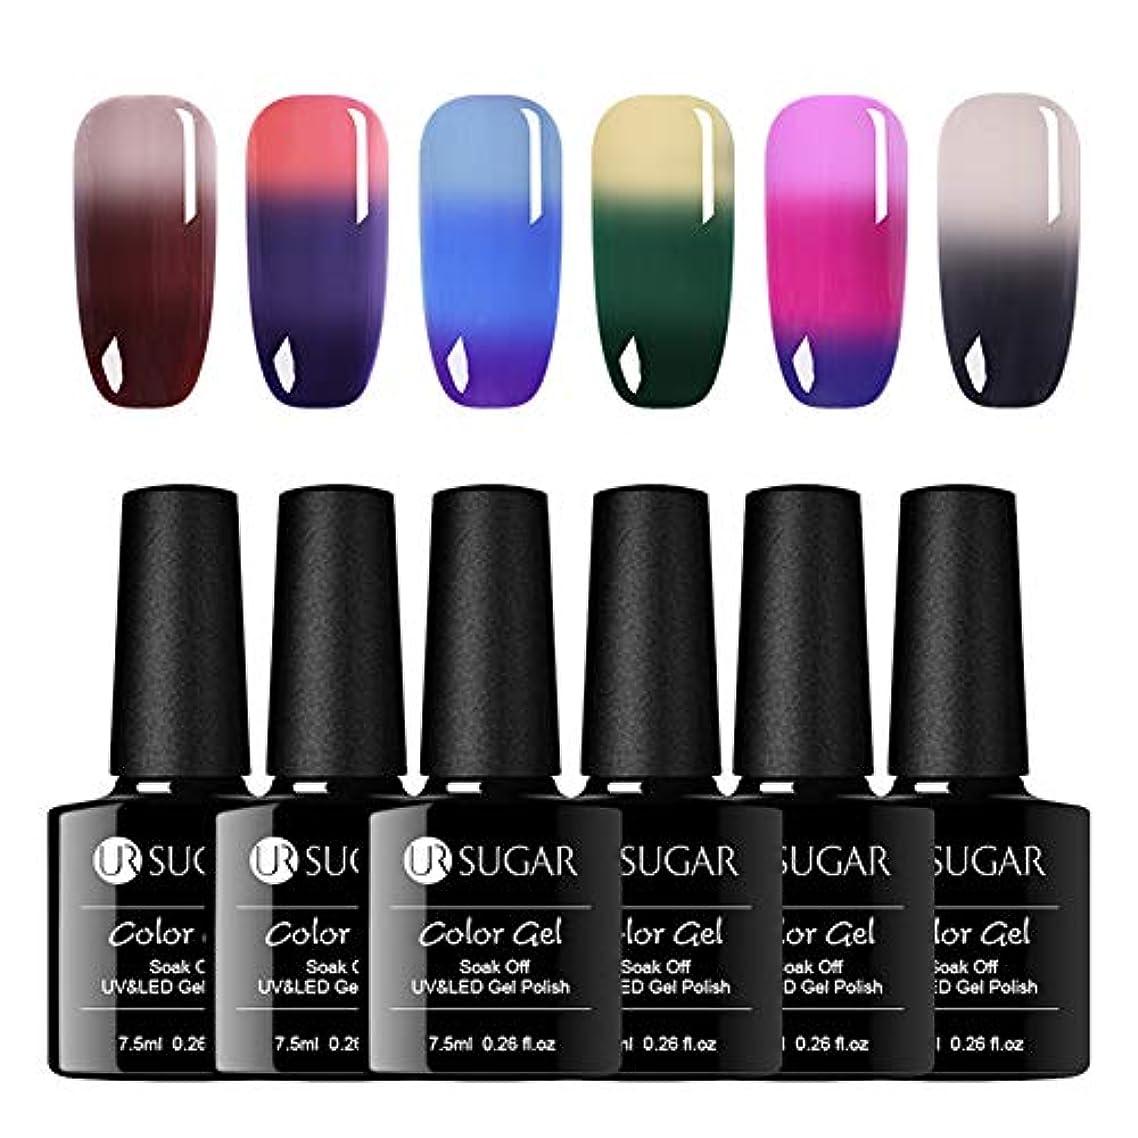 アクション近々小石UR SUGAR カラージェルセット 温度で色が変わる 新型な3段階変色 7.5ml/本 【全6色セット】 カメレオンネイル UV/LED対応 ジェルネイル カラージェル [並行輸入品]